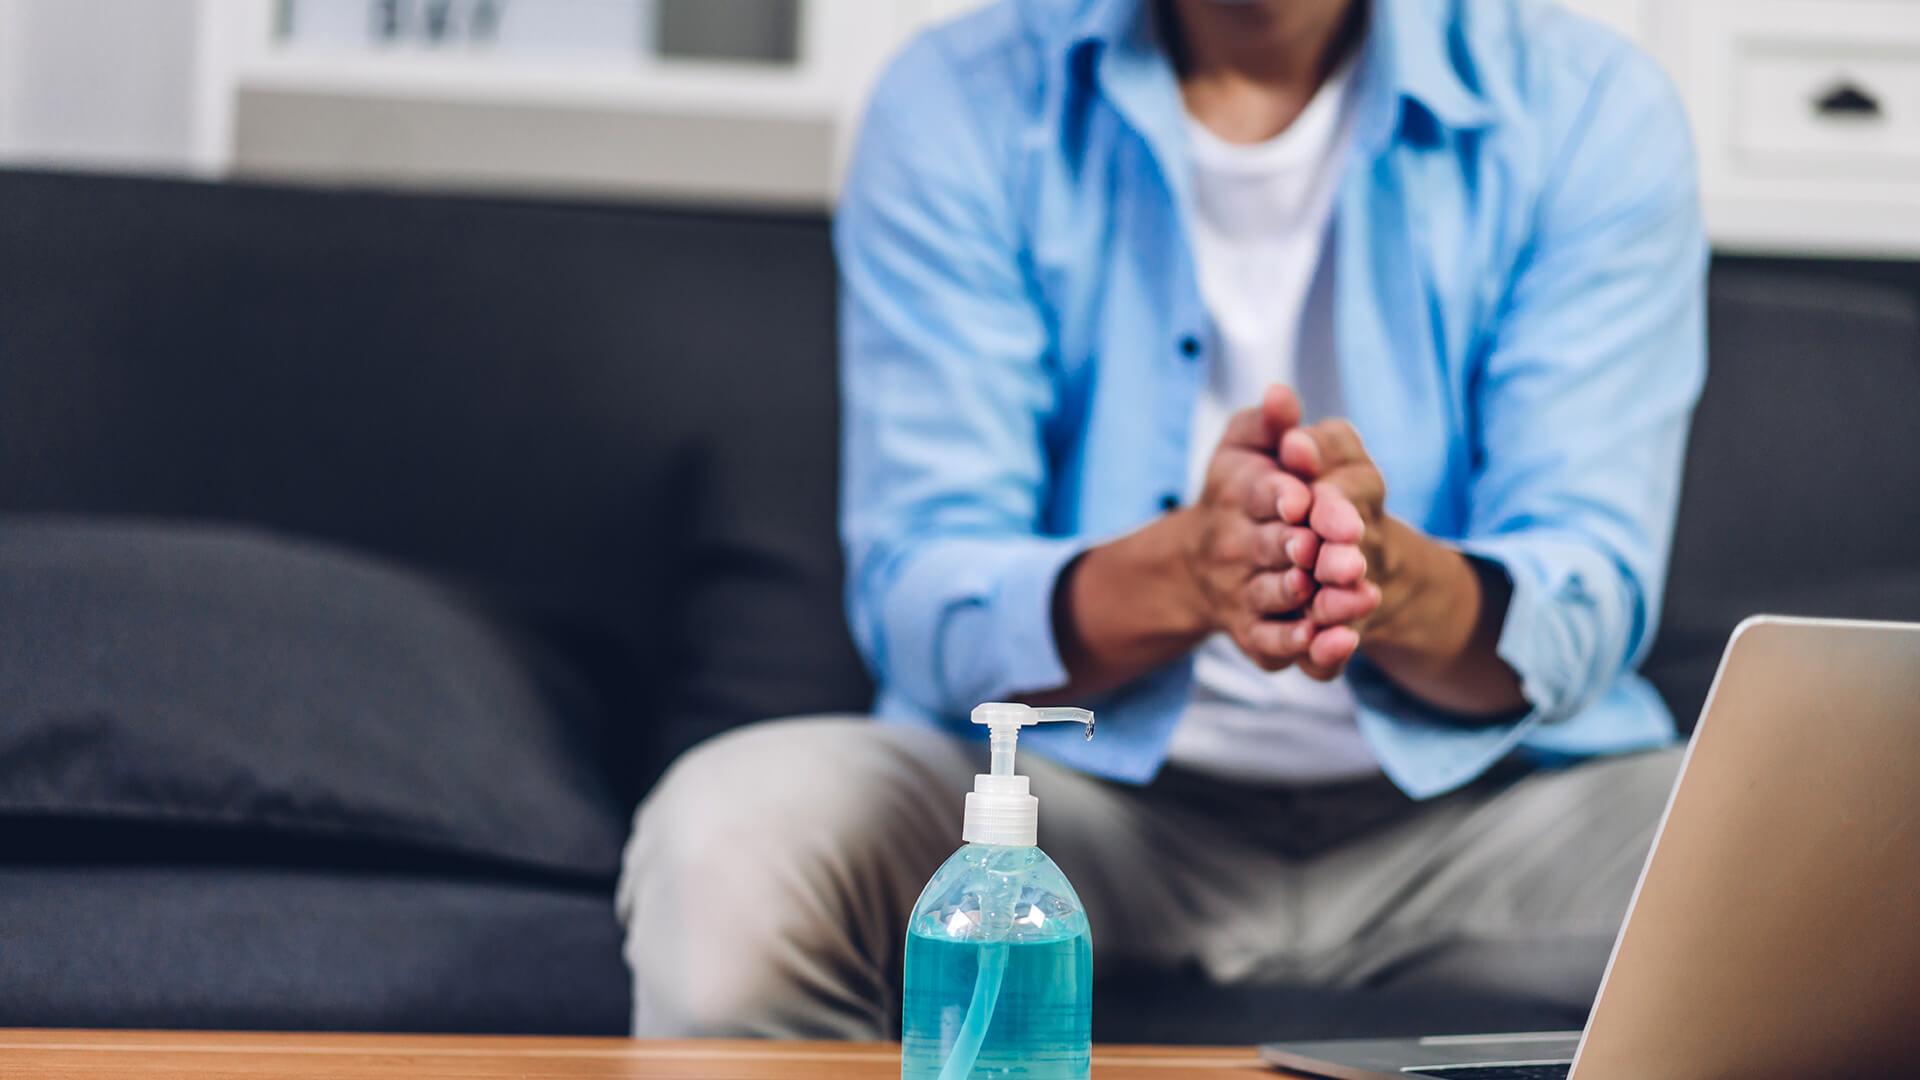 workplace hygiene